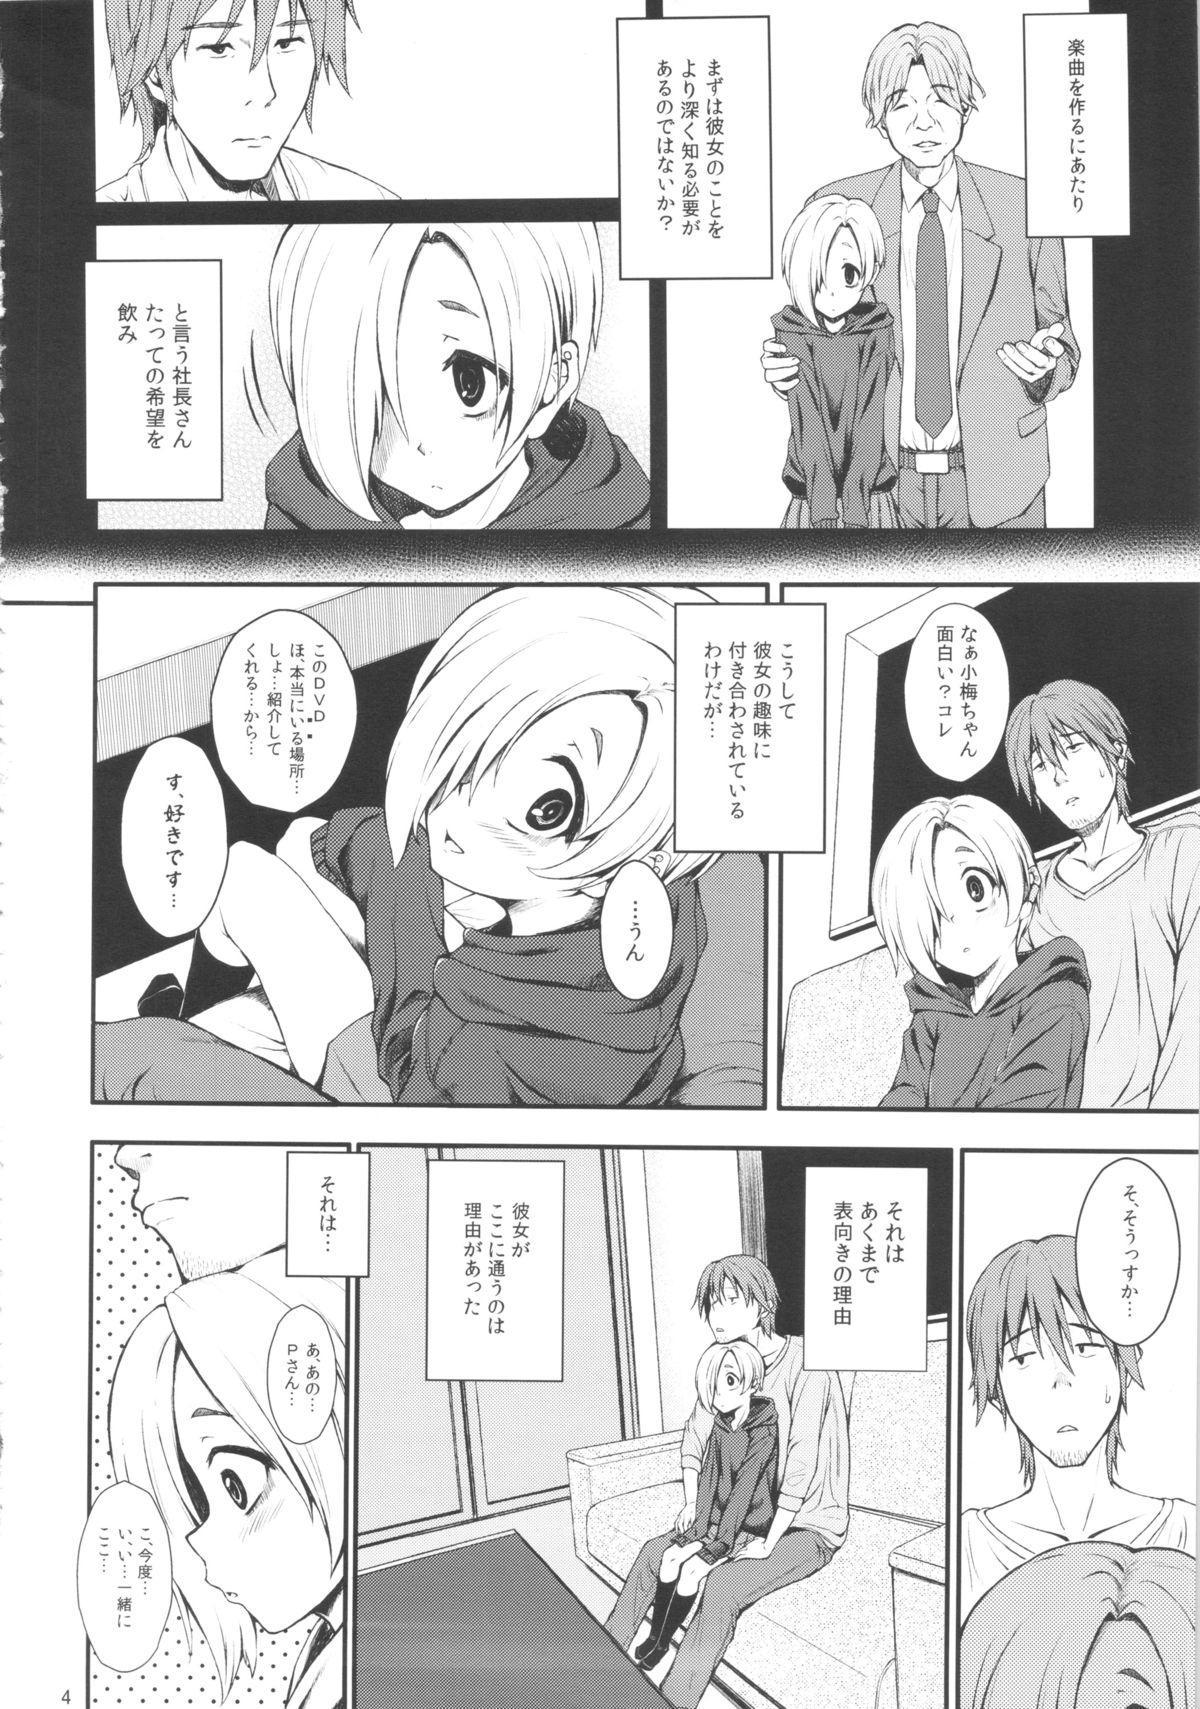 Watashi no Arika 2